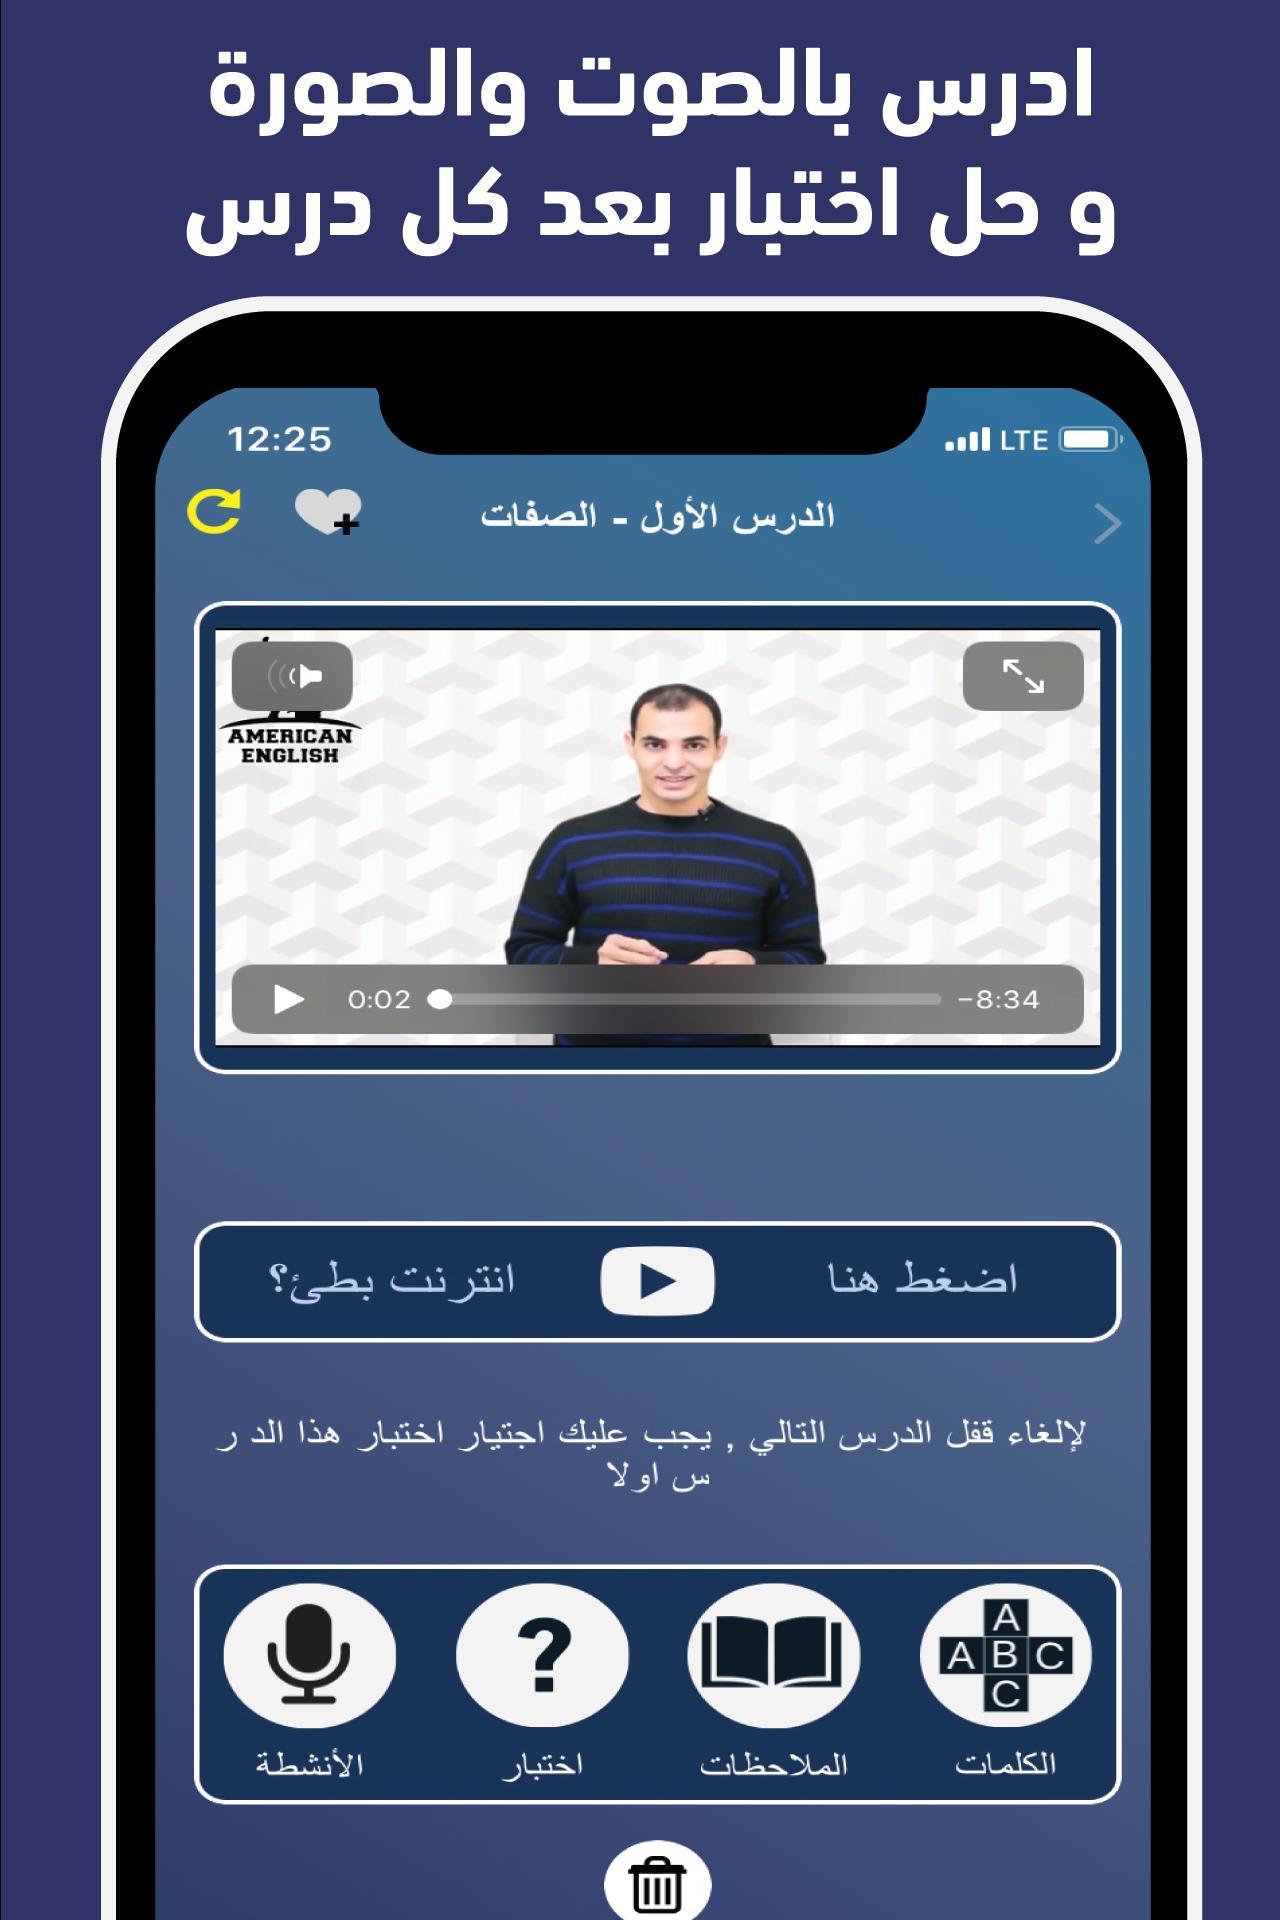 تحميل برنامج تعليم اللغة الانجليزية للمبتدئين بالصوت والصورة مجانا